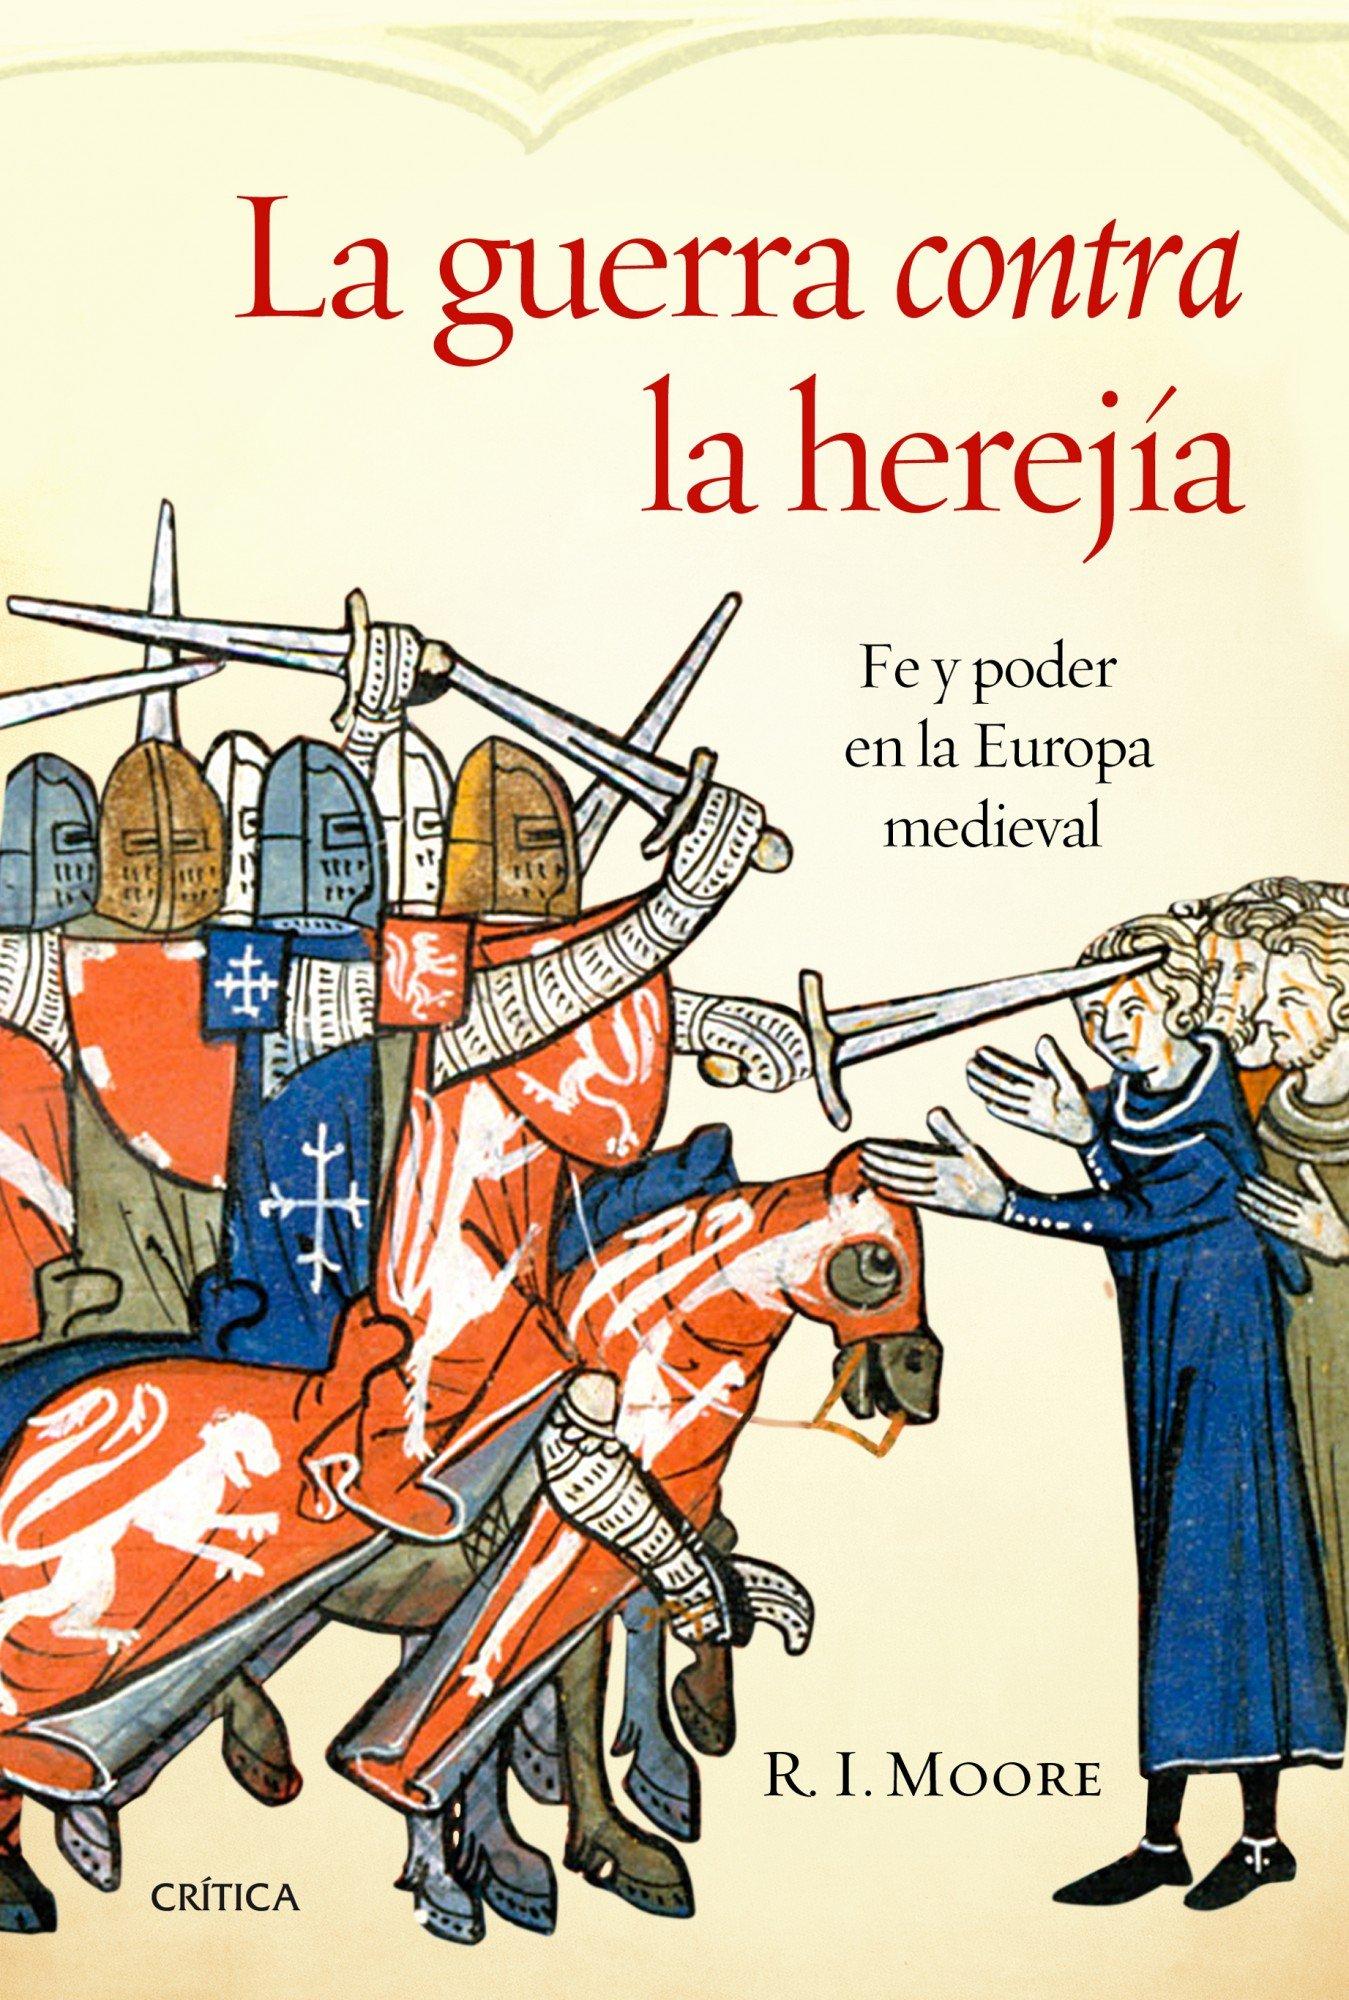 La guerra contra la herejía: Fe y poder en la Europa medieval Serie Mayor: Amazon.es: Moore, R. I., López Tobajas, Agustín, Tabuyo, María: Libros